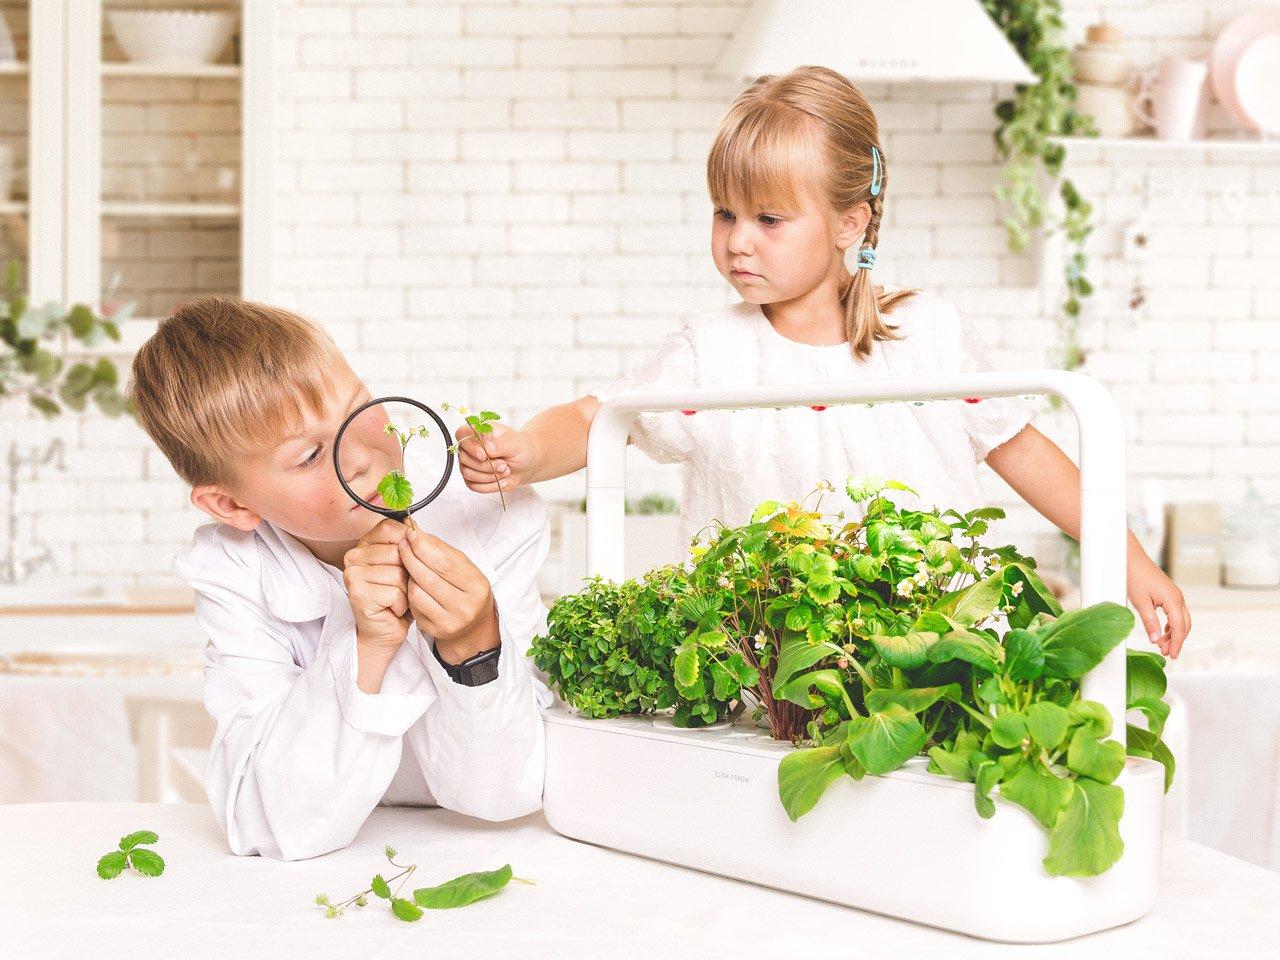 Az idei Karácsony 5 legtrendibb szobanövény újdonsága